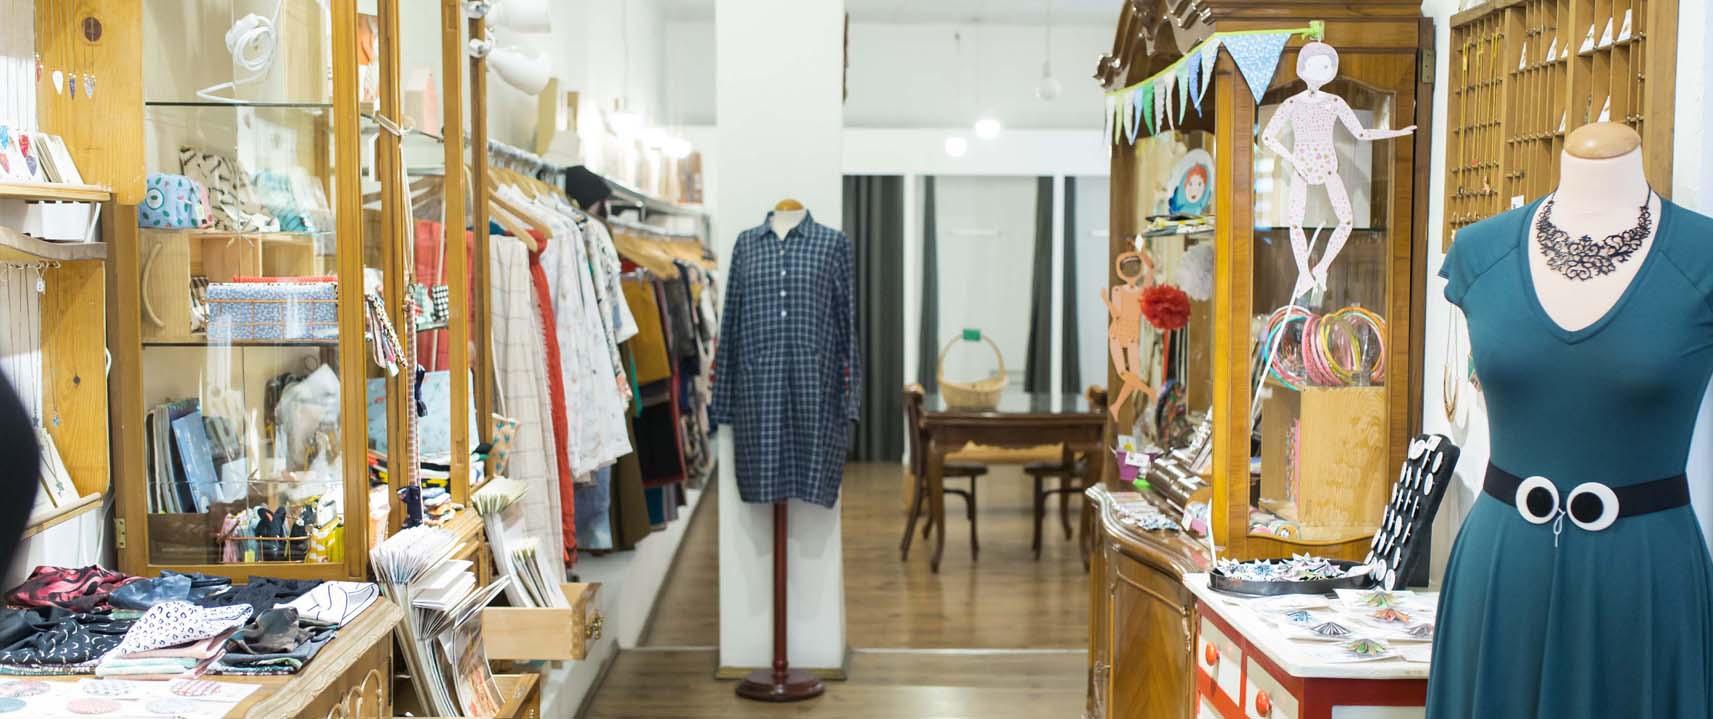 La intrusa tiendas de ropa complementos y objetos de for Decoracion de almacenes de ropa